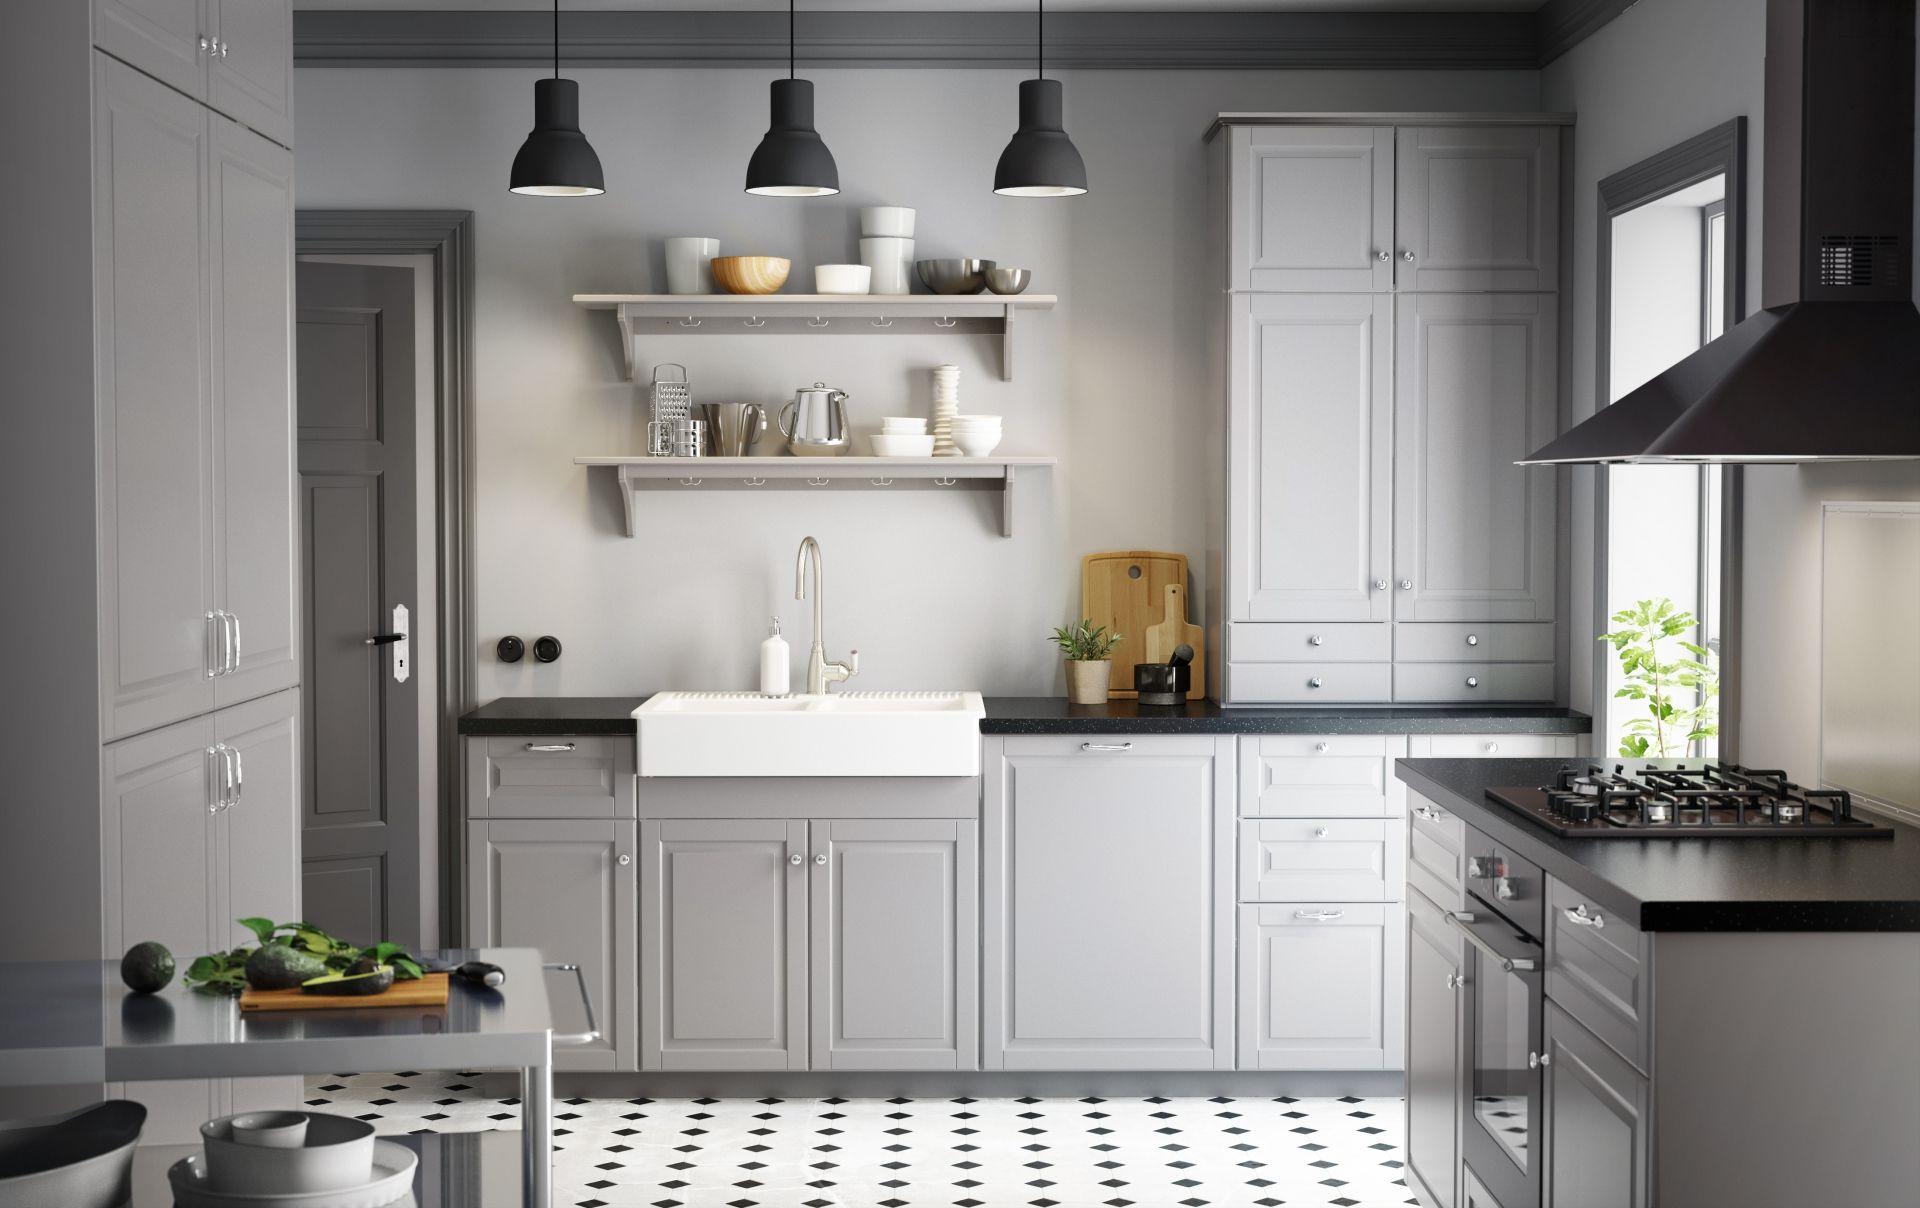 Metod Keuken Ikea : Traditionele metod keuken ikea ikeanl keukens traditioneel